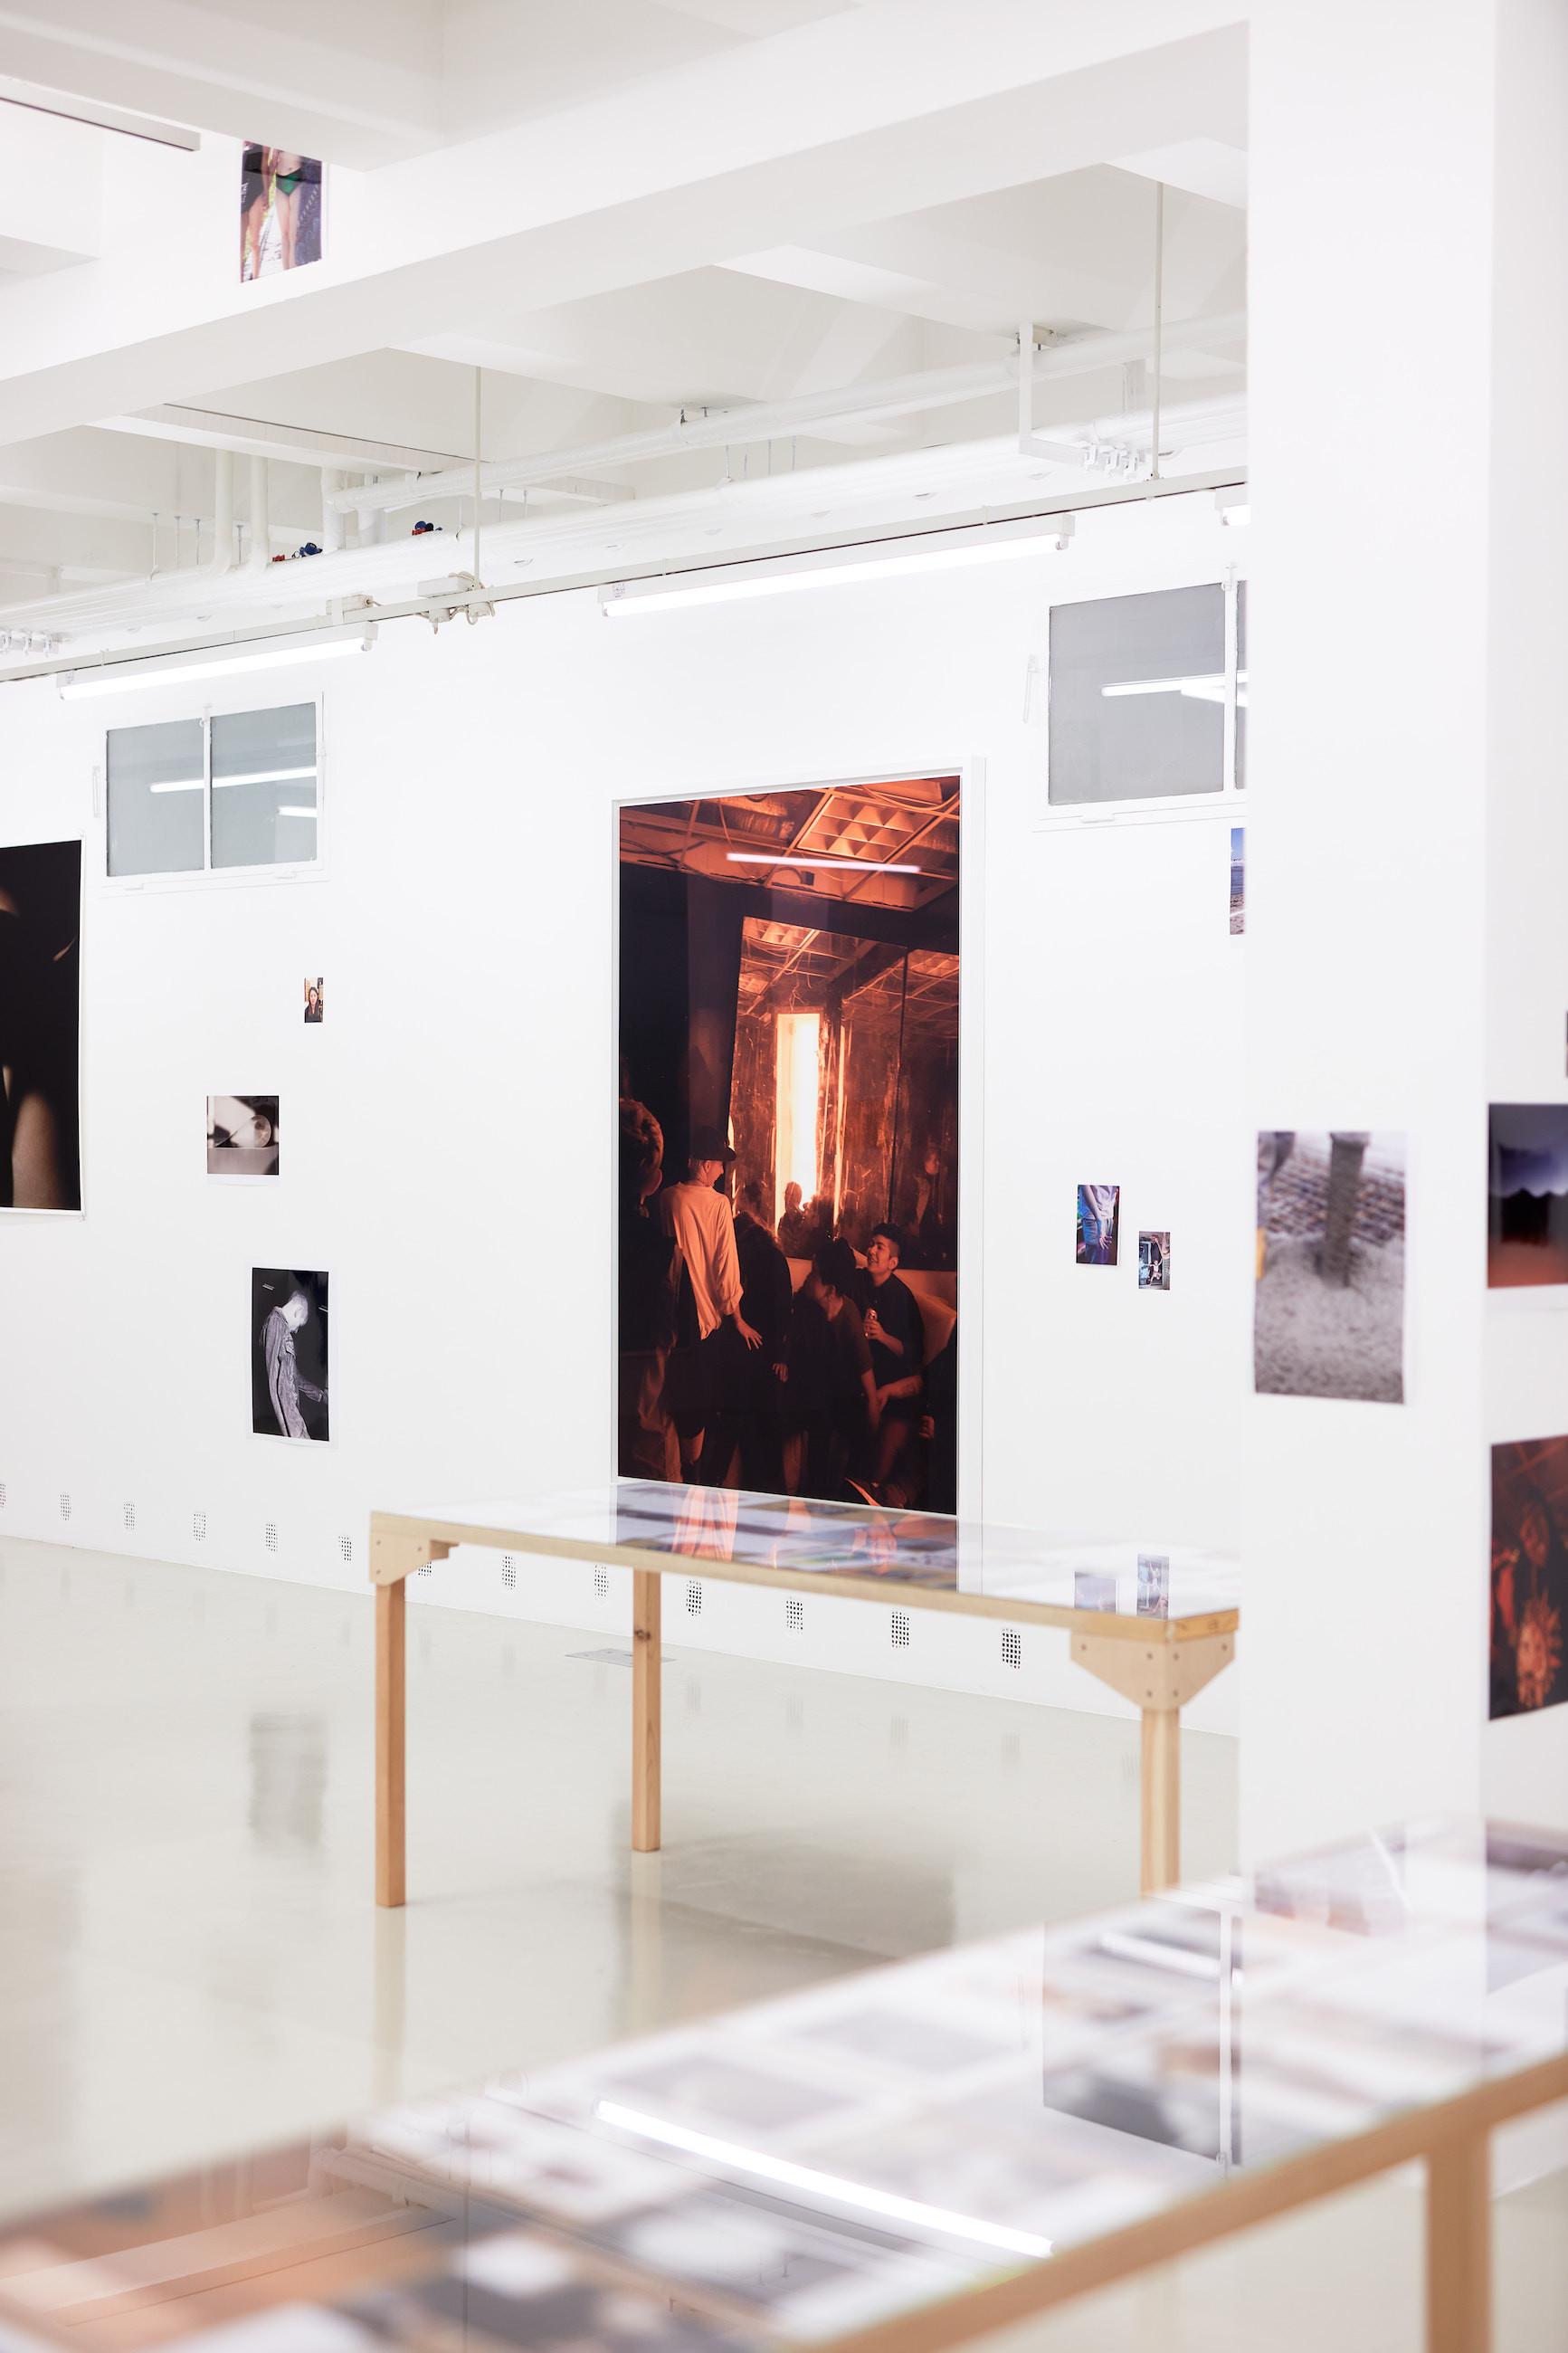 Wolfgang Tillmans: A te tested a tiéd . Kiállítási látkép, Trafó Galéria, 2021. Középen: The Spectrum/Dagger, 2014. Fotó: Biró Dávid